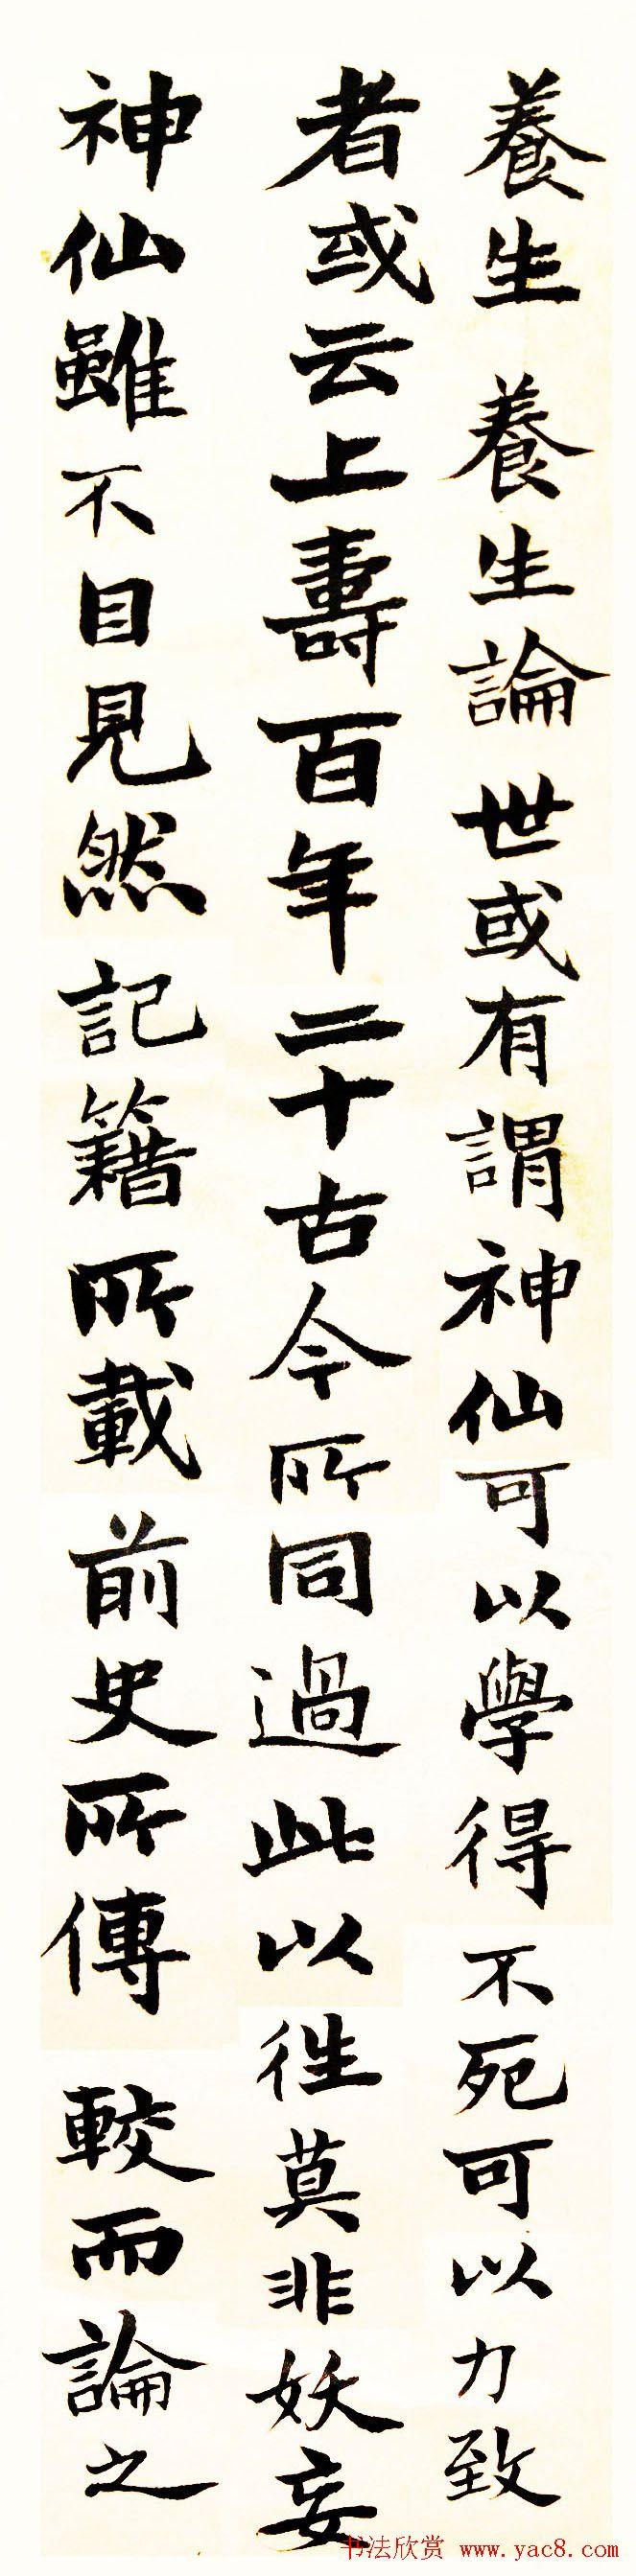 吴大��楷书墨迹《养生论》